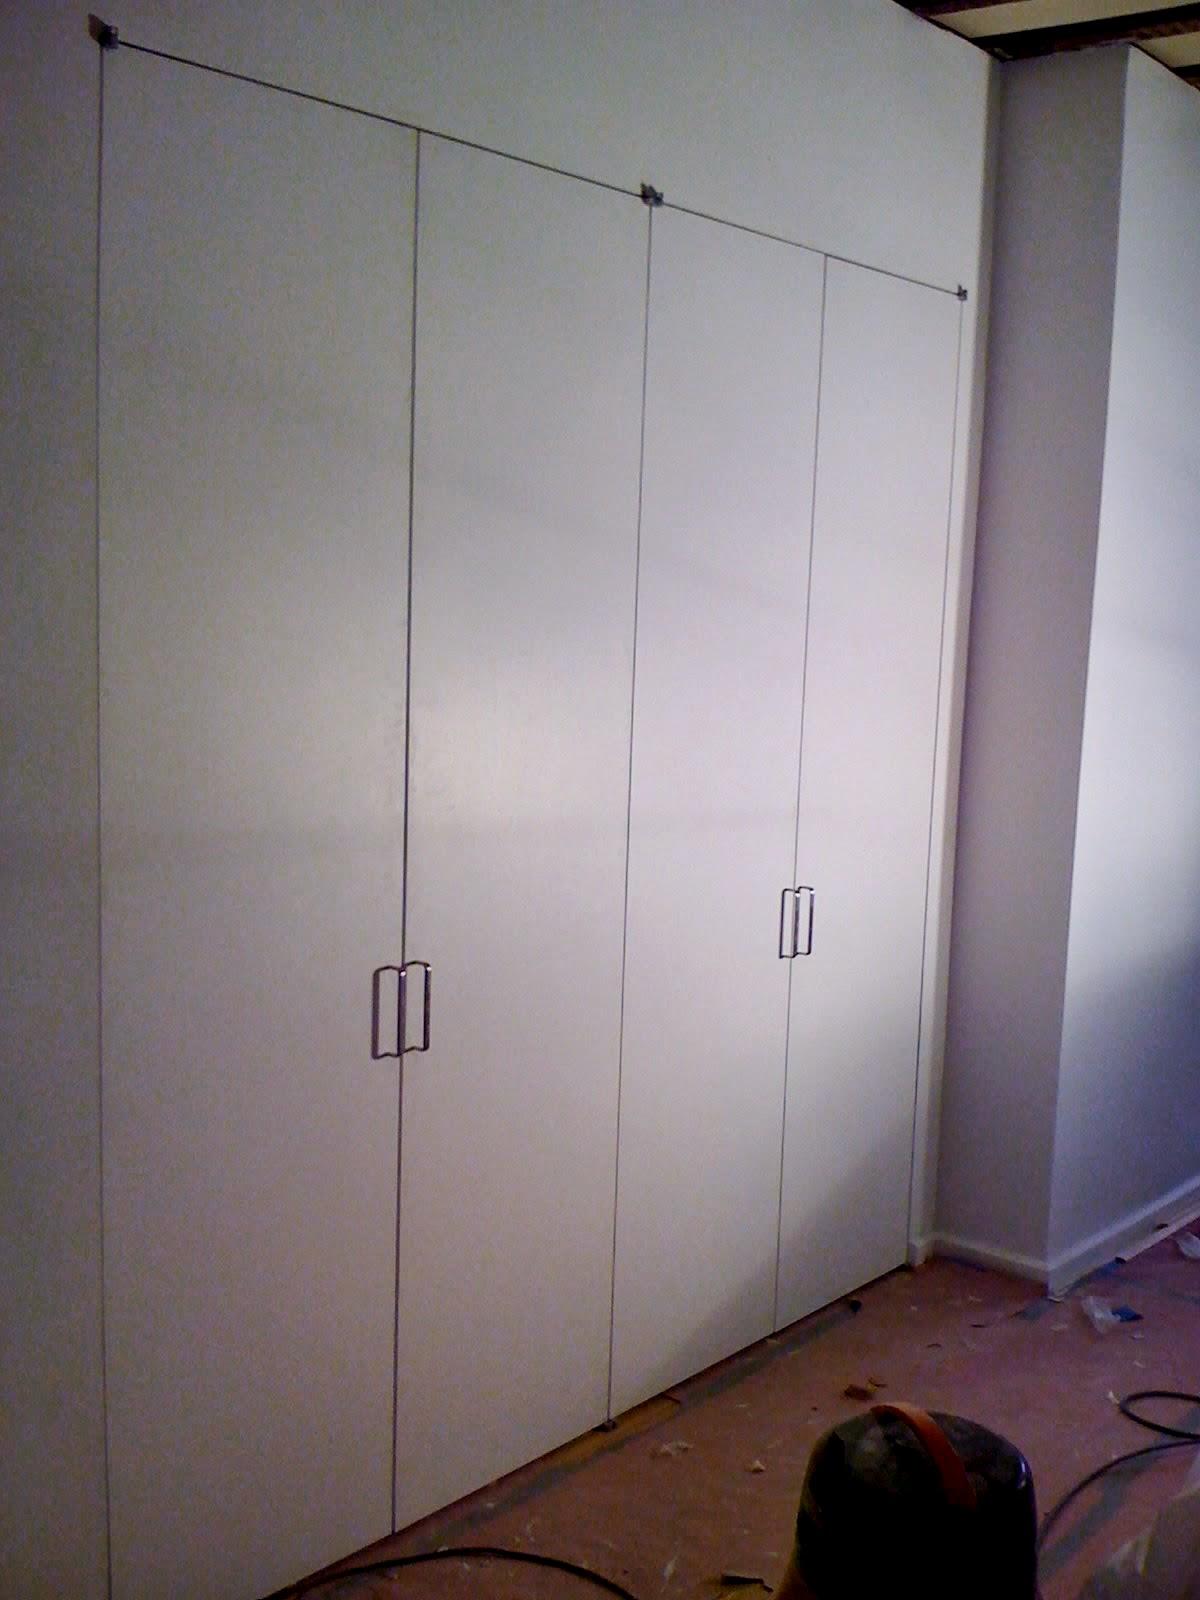 offset pivot hinges for doors bing images. Black Bedroom Furniture Sets. Home Design Ideas